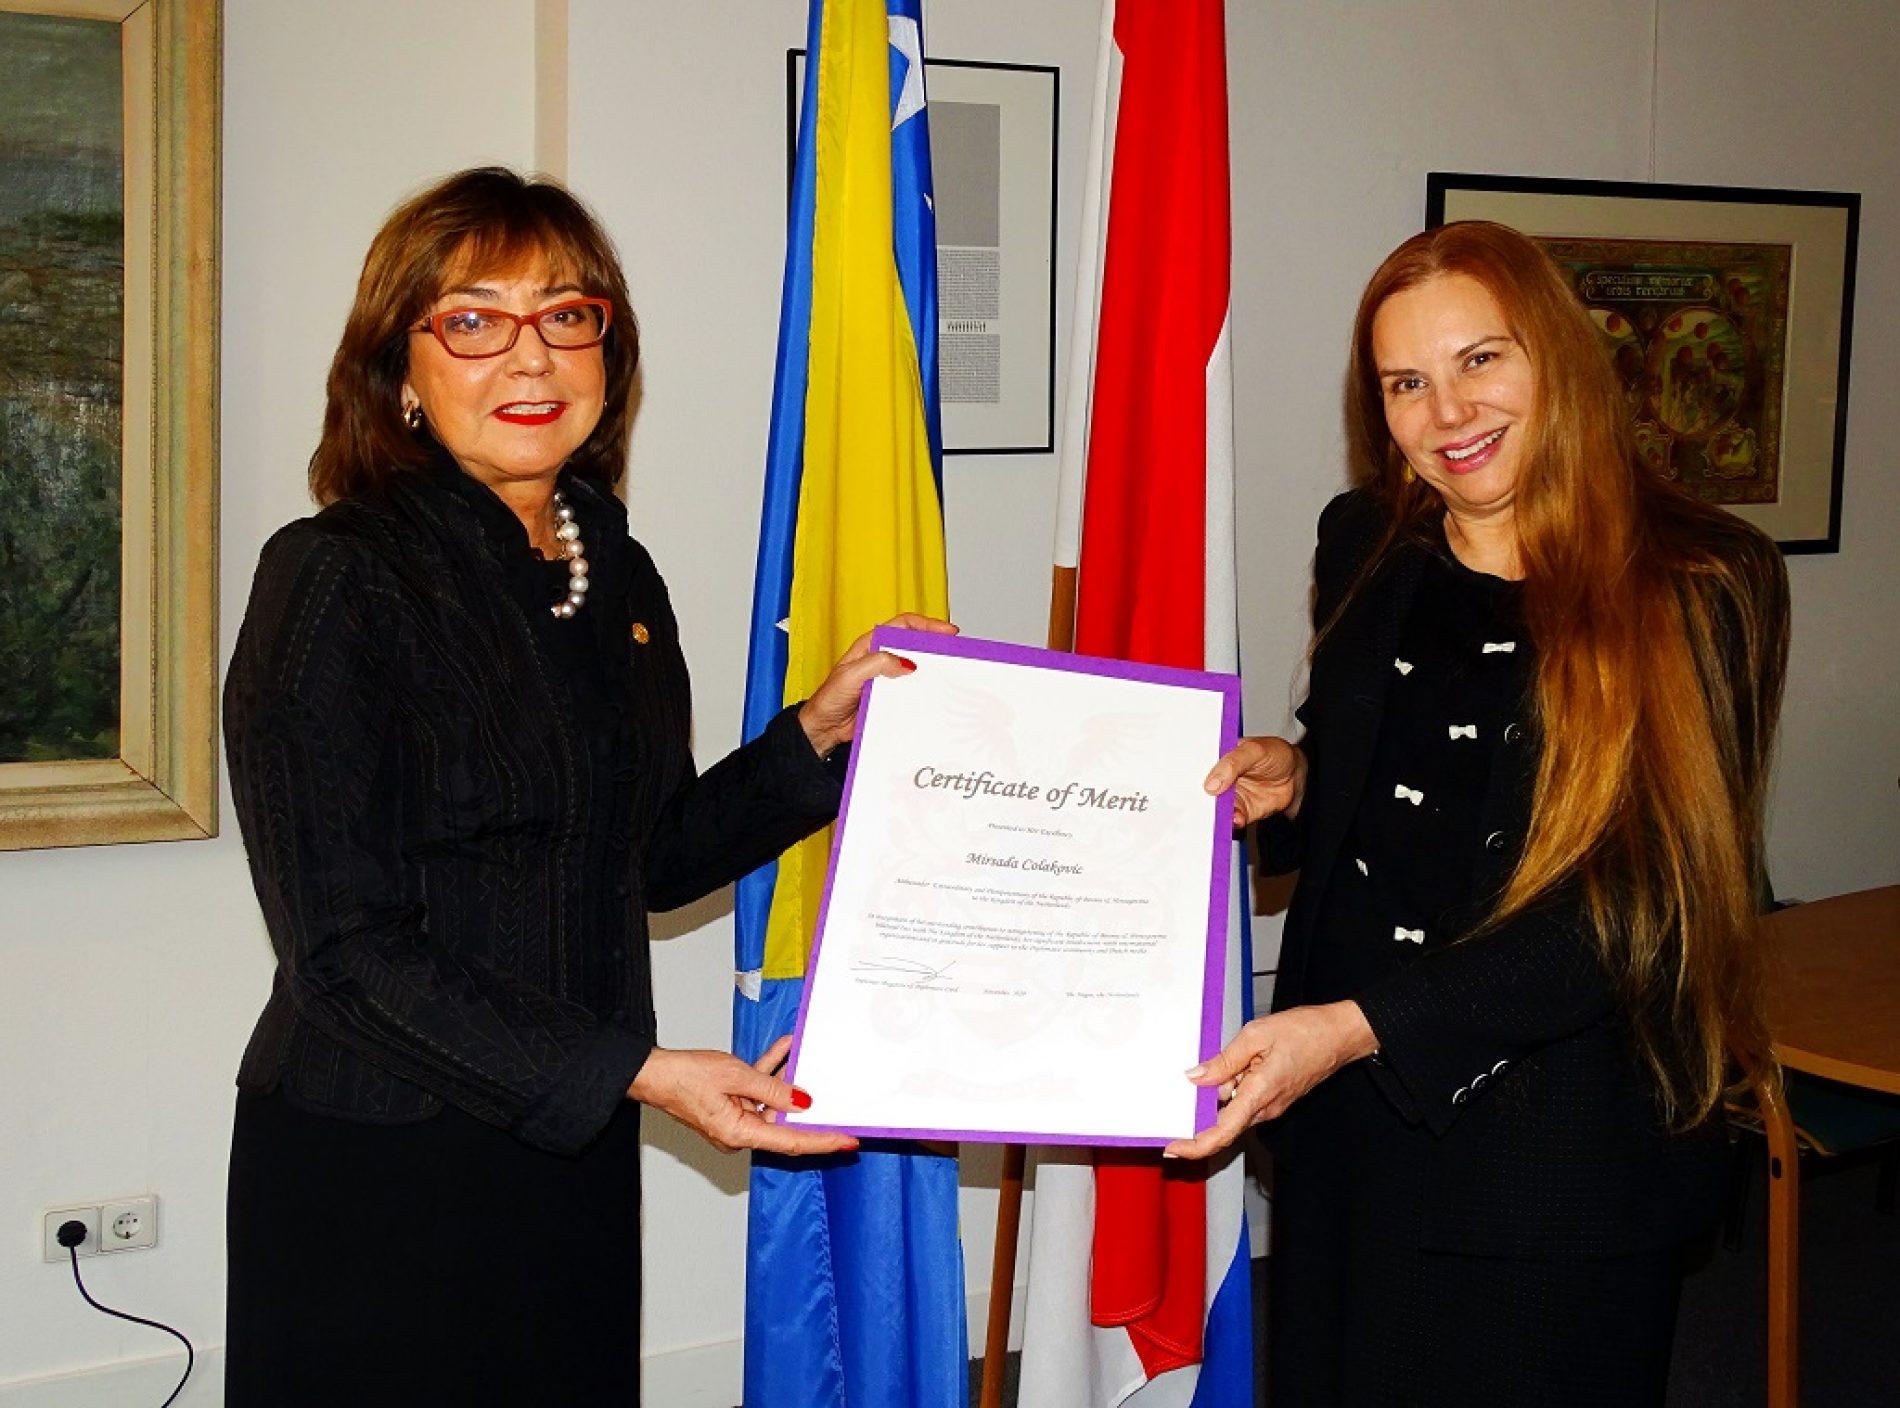 Ambasadorici naše države u  Nizozemskoj Mirsadi Čolaković uručeno priznanje 'Certificate of Merit'